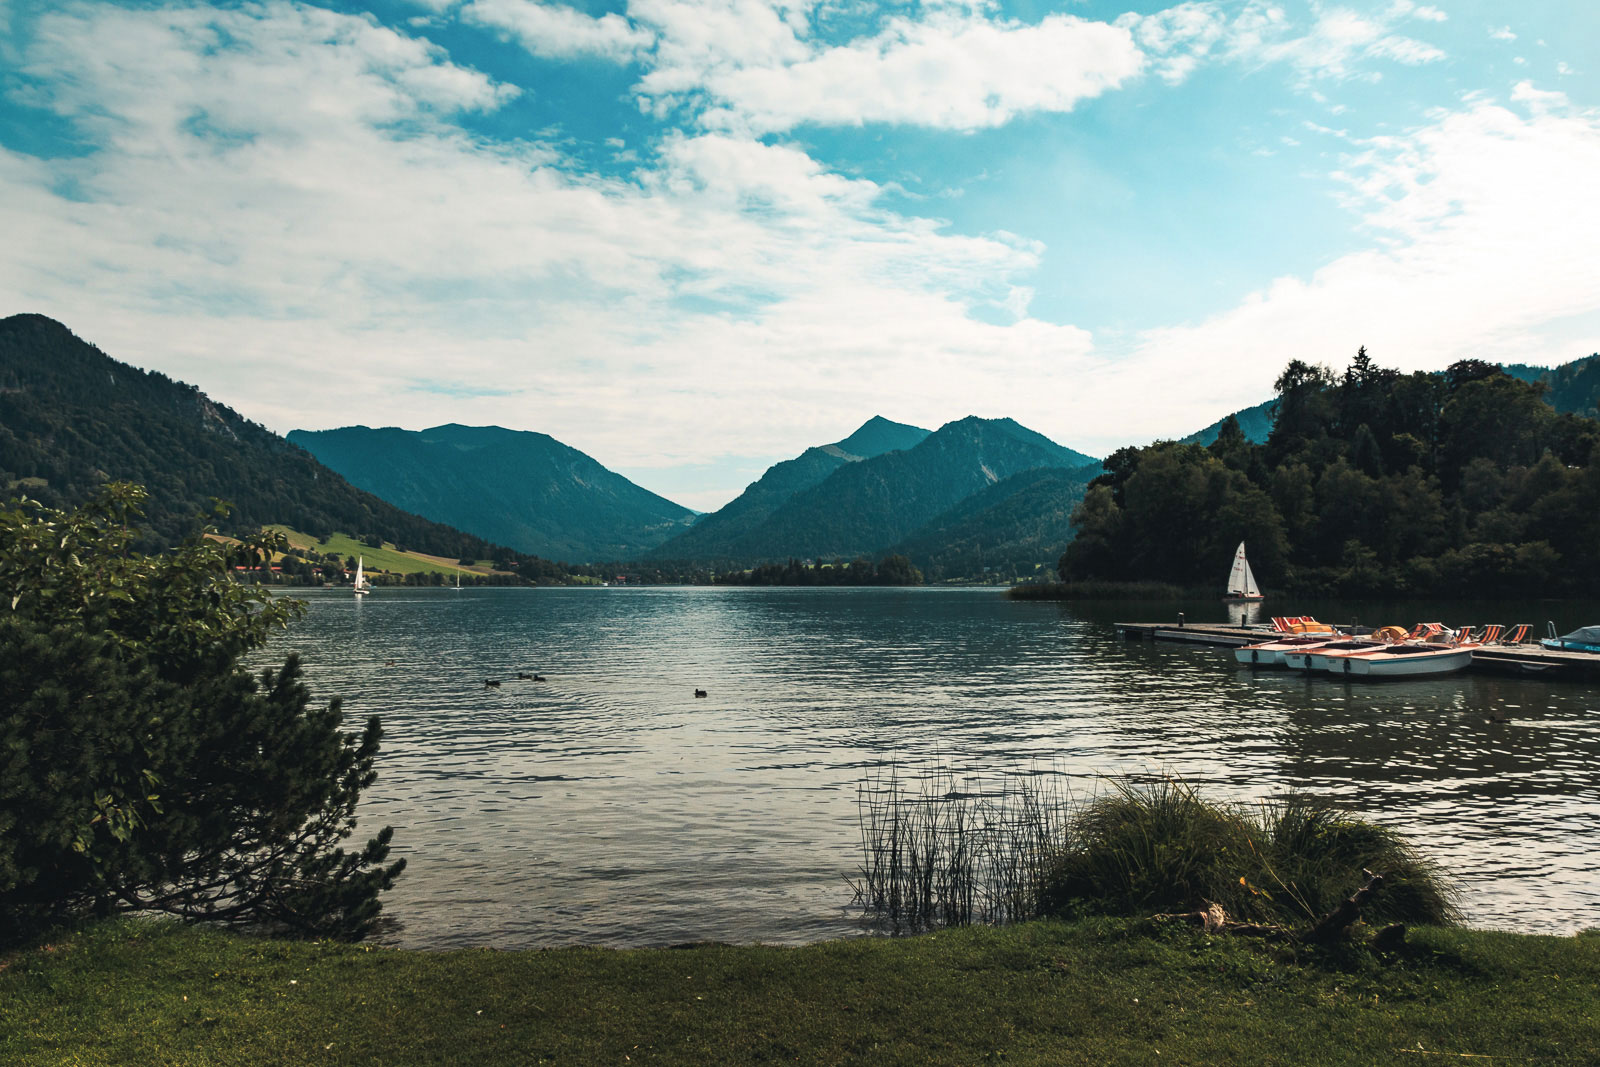 Seepromenade in Schliersee mit Blick auf den See, den Schlierseespitz und Anklspitz.